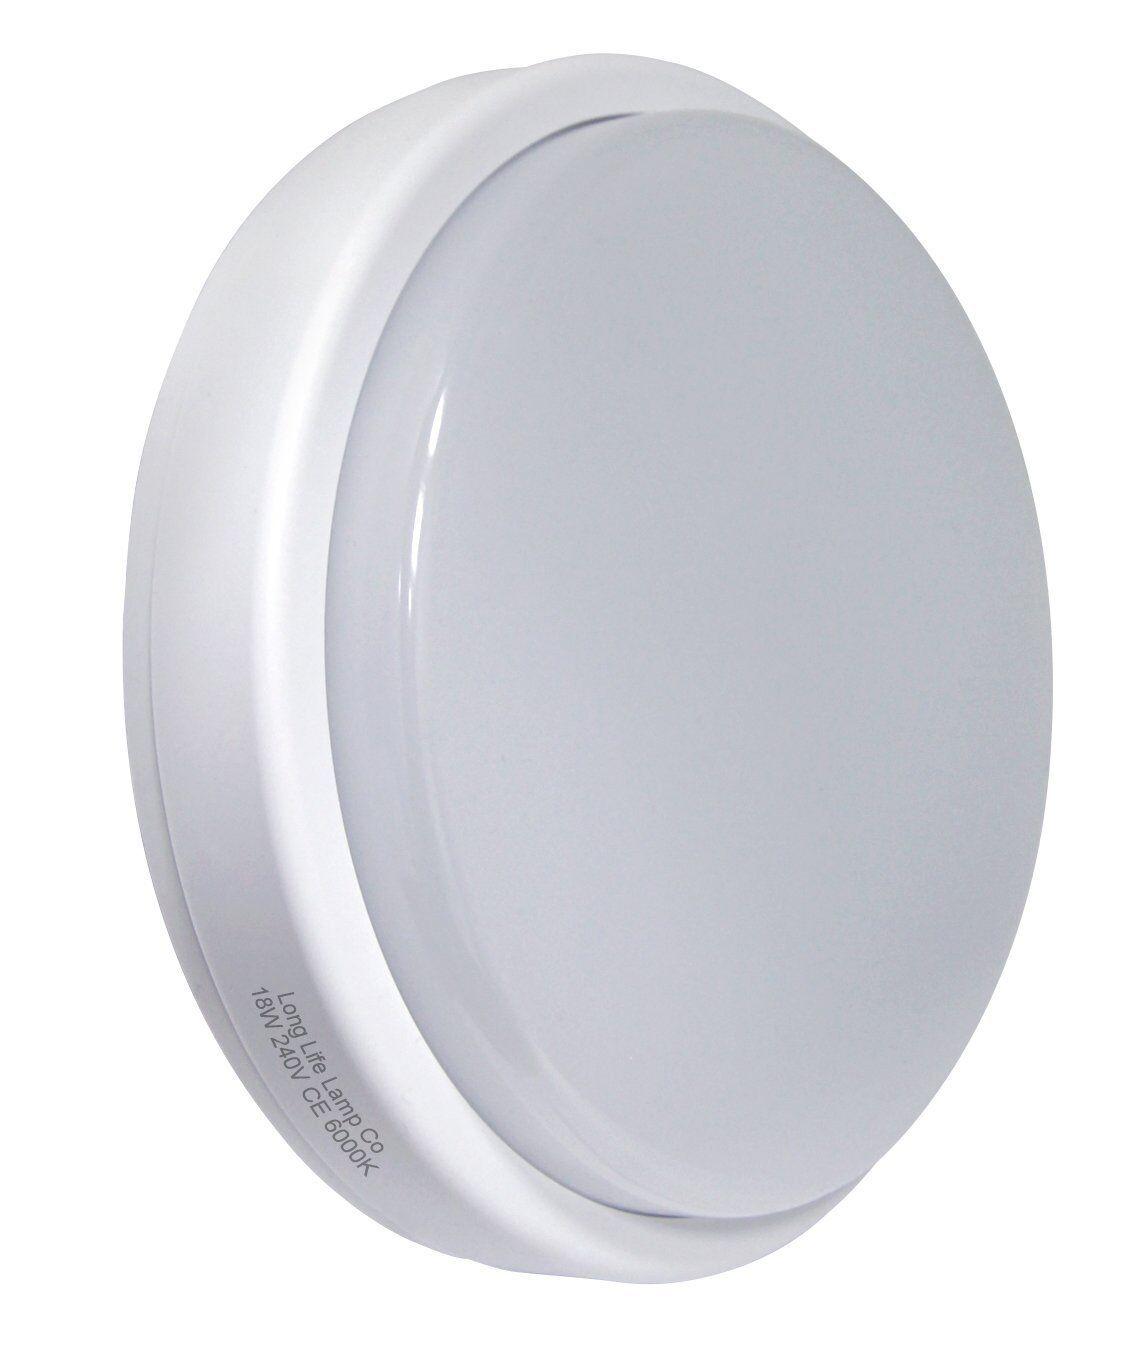 7000k Bright Light 18w Led Ceiling Light Round Flush Mount: 18W LED Round Surface Mount FLUSHLIGHT Ceiling Down Light